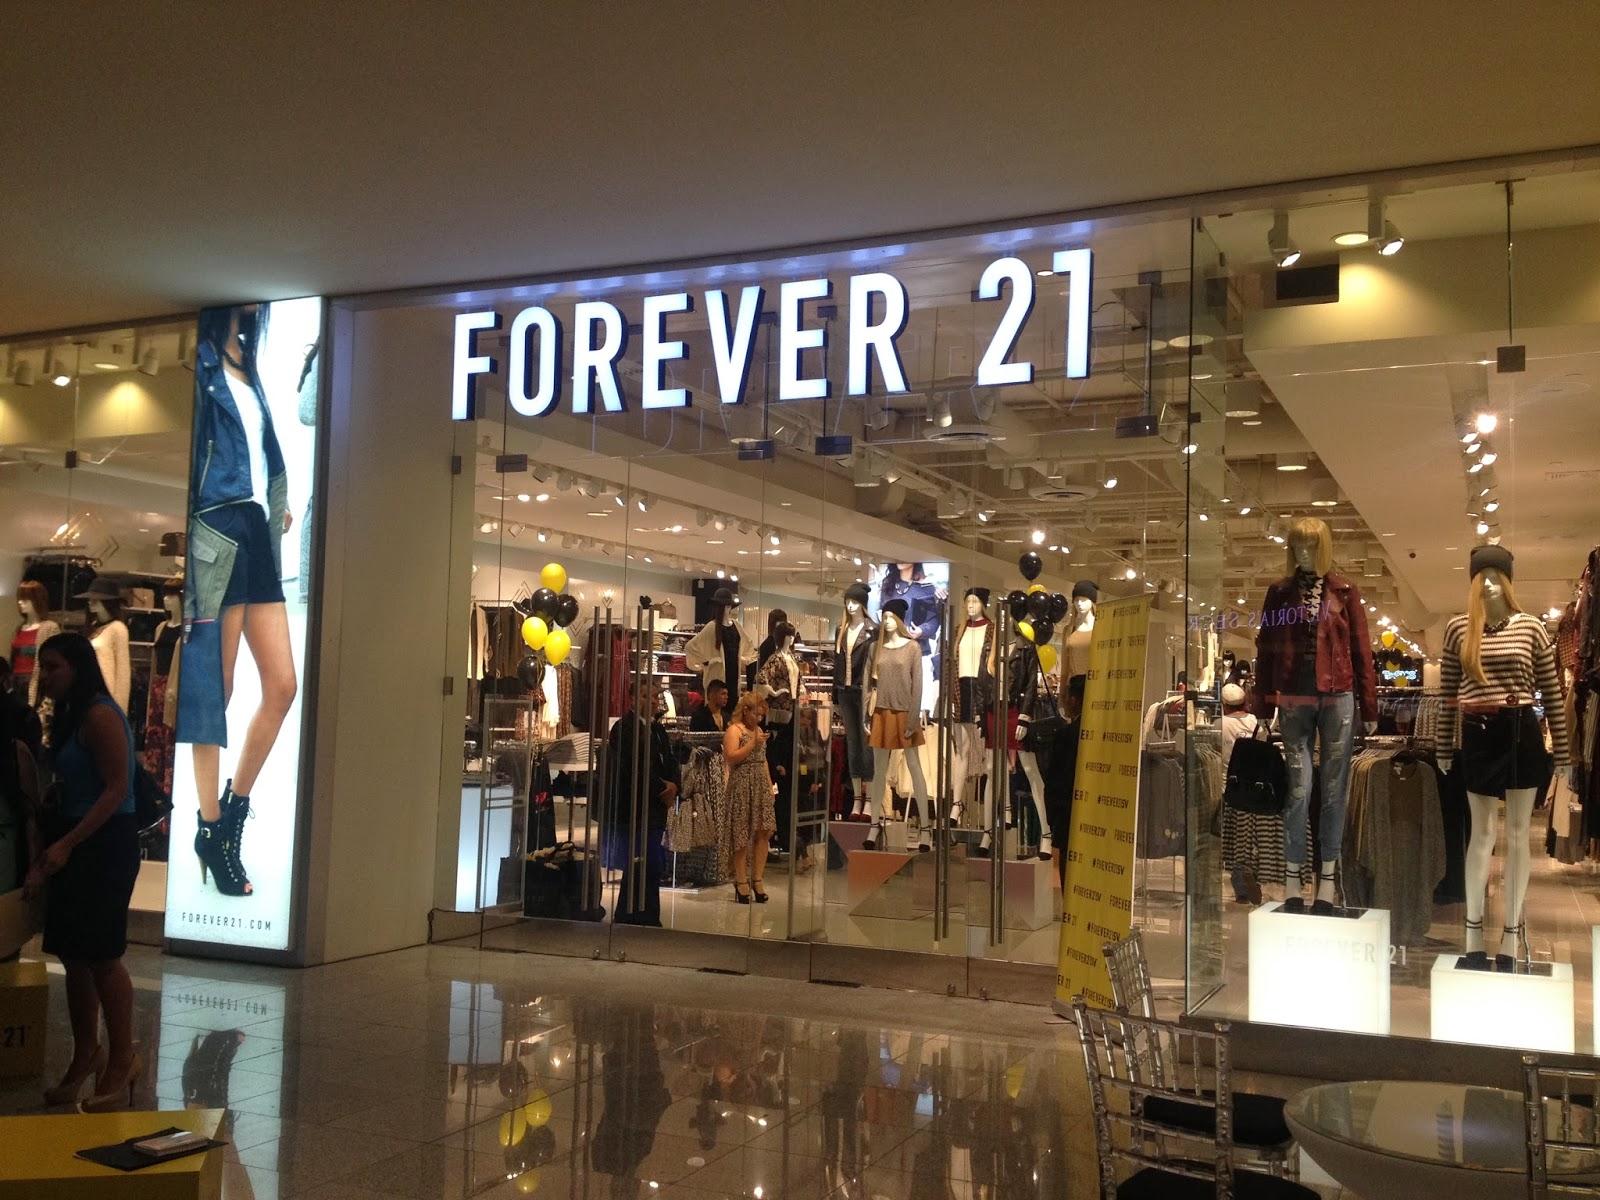 d3ba3dc45d2f Το Forever 21 στην Αθήνα! Διαβάστε όλες τις λεπτομέρειες για το ...